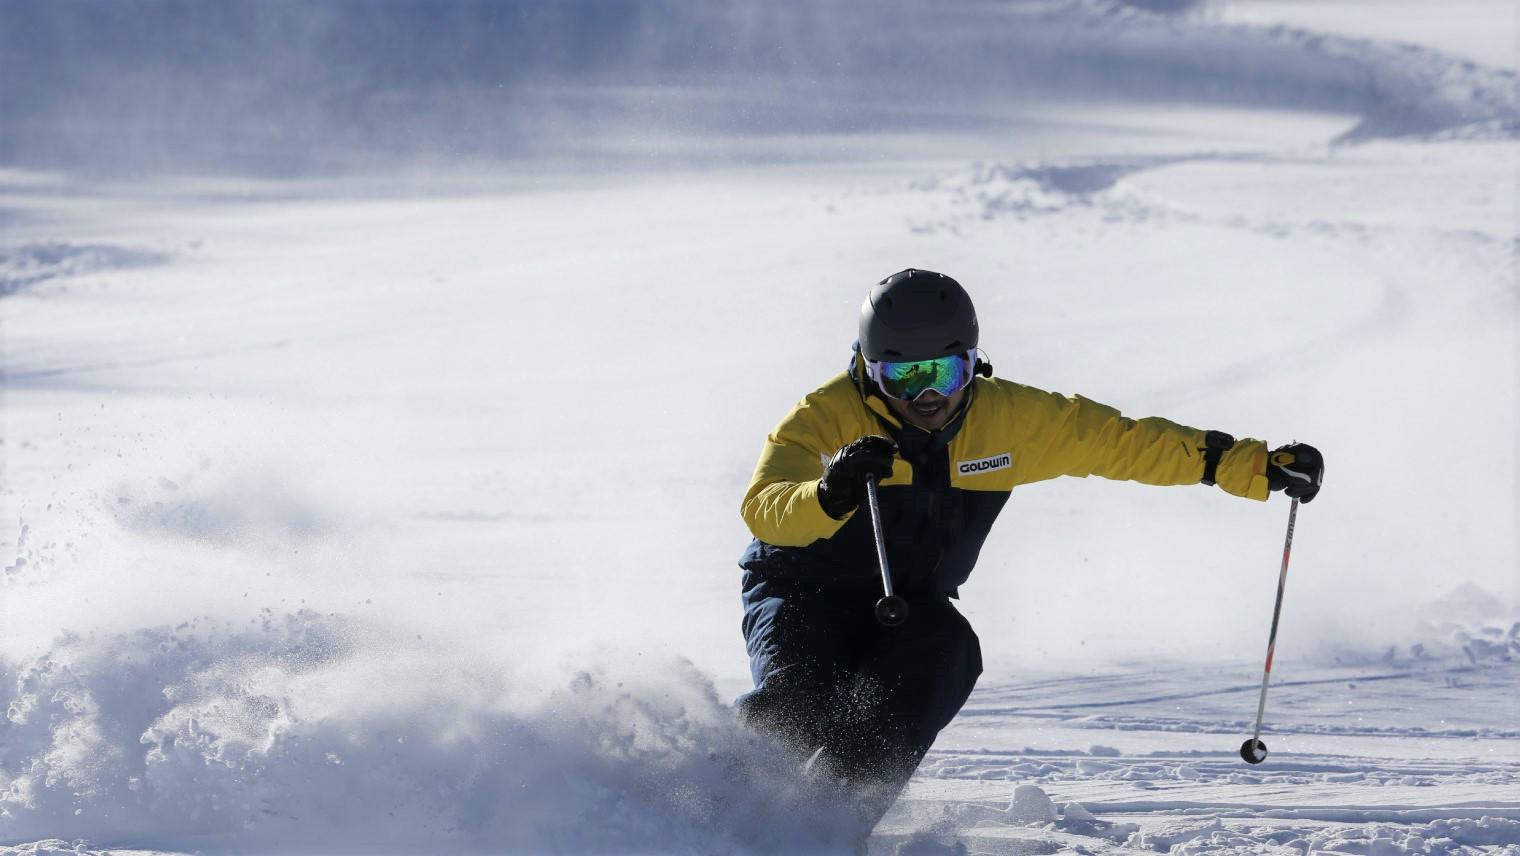 「NYSNO-100」プロジェクトリーダー尾原がスキーをしている様子